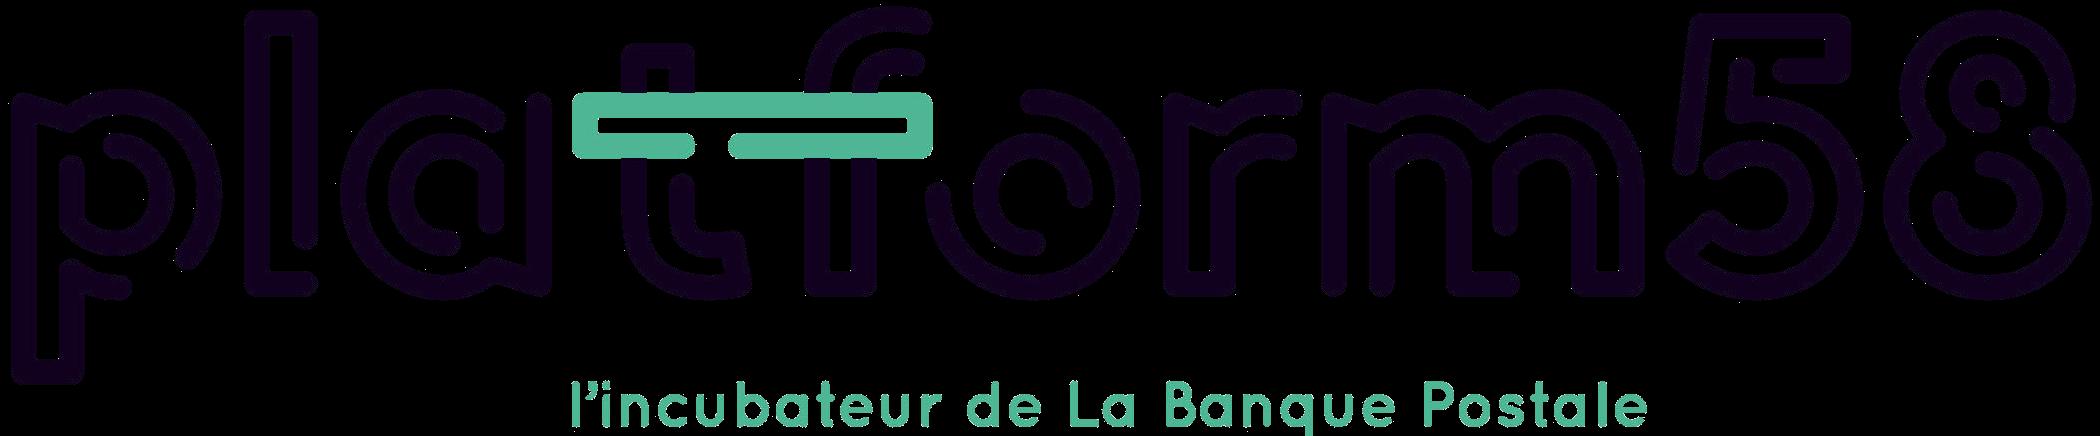 platform58 logo (1)